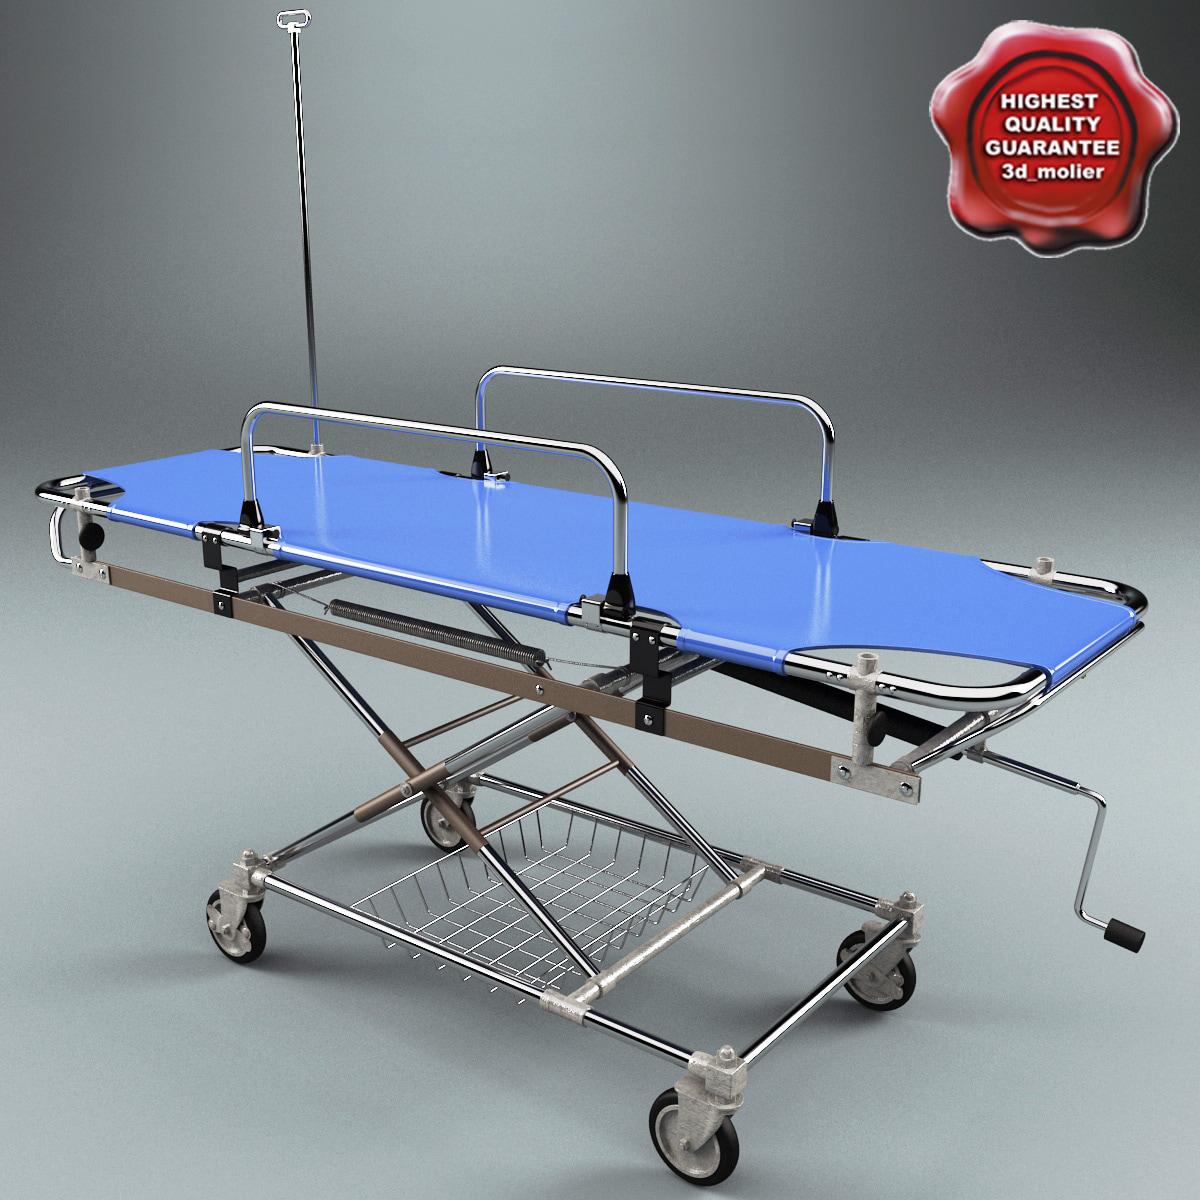 Ambulance_Stretcher_WJD5_1E_00.jpg